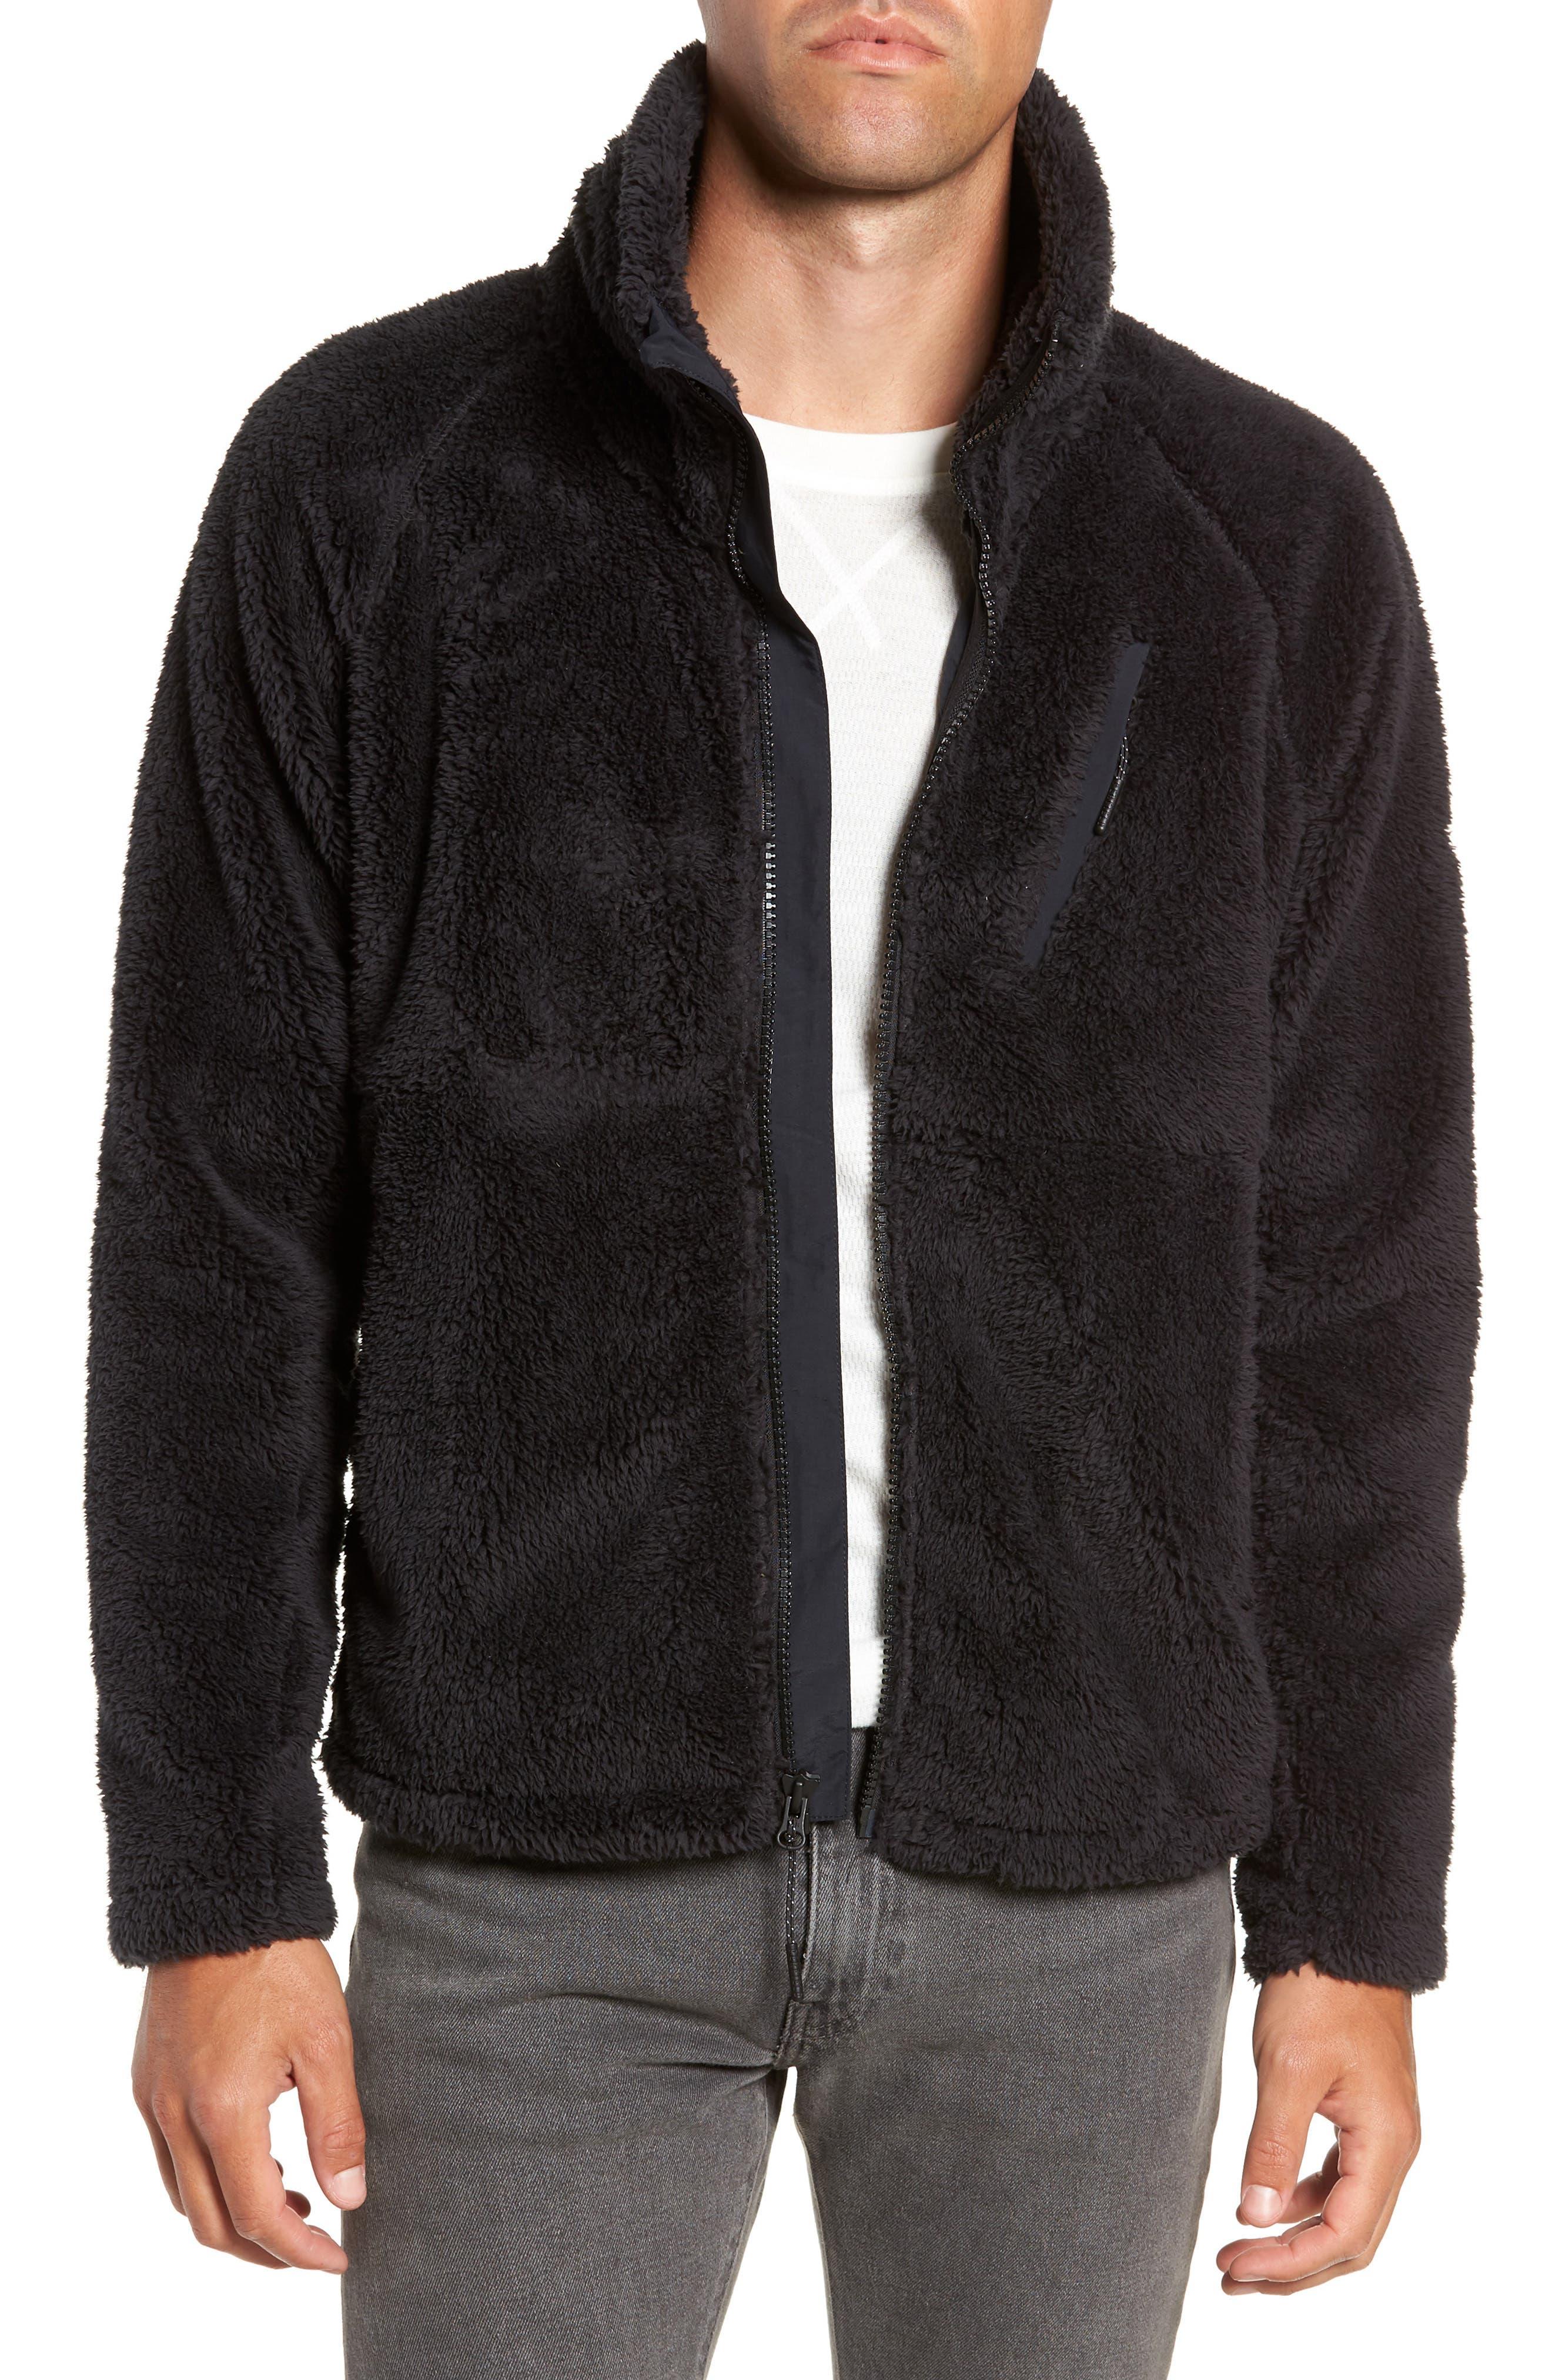 Breakheart Zip Fleece Jacket,                         Main,                         color, 001